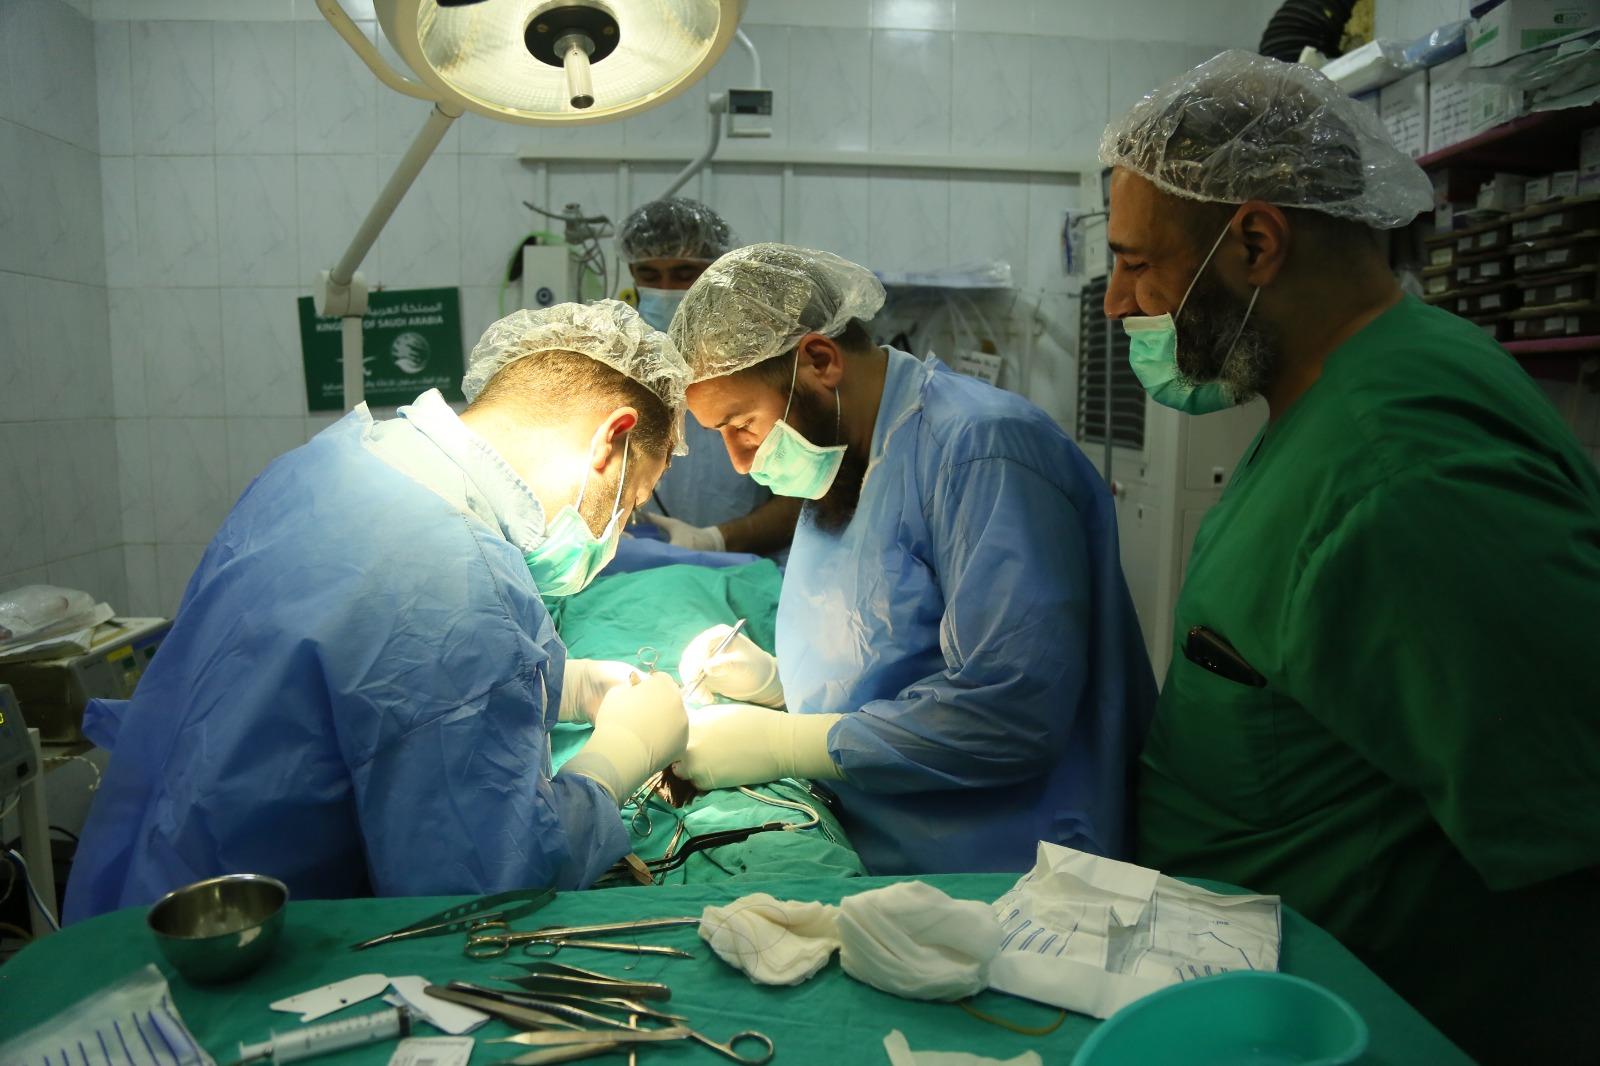 Bab Al Hawa Hospital